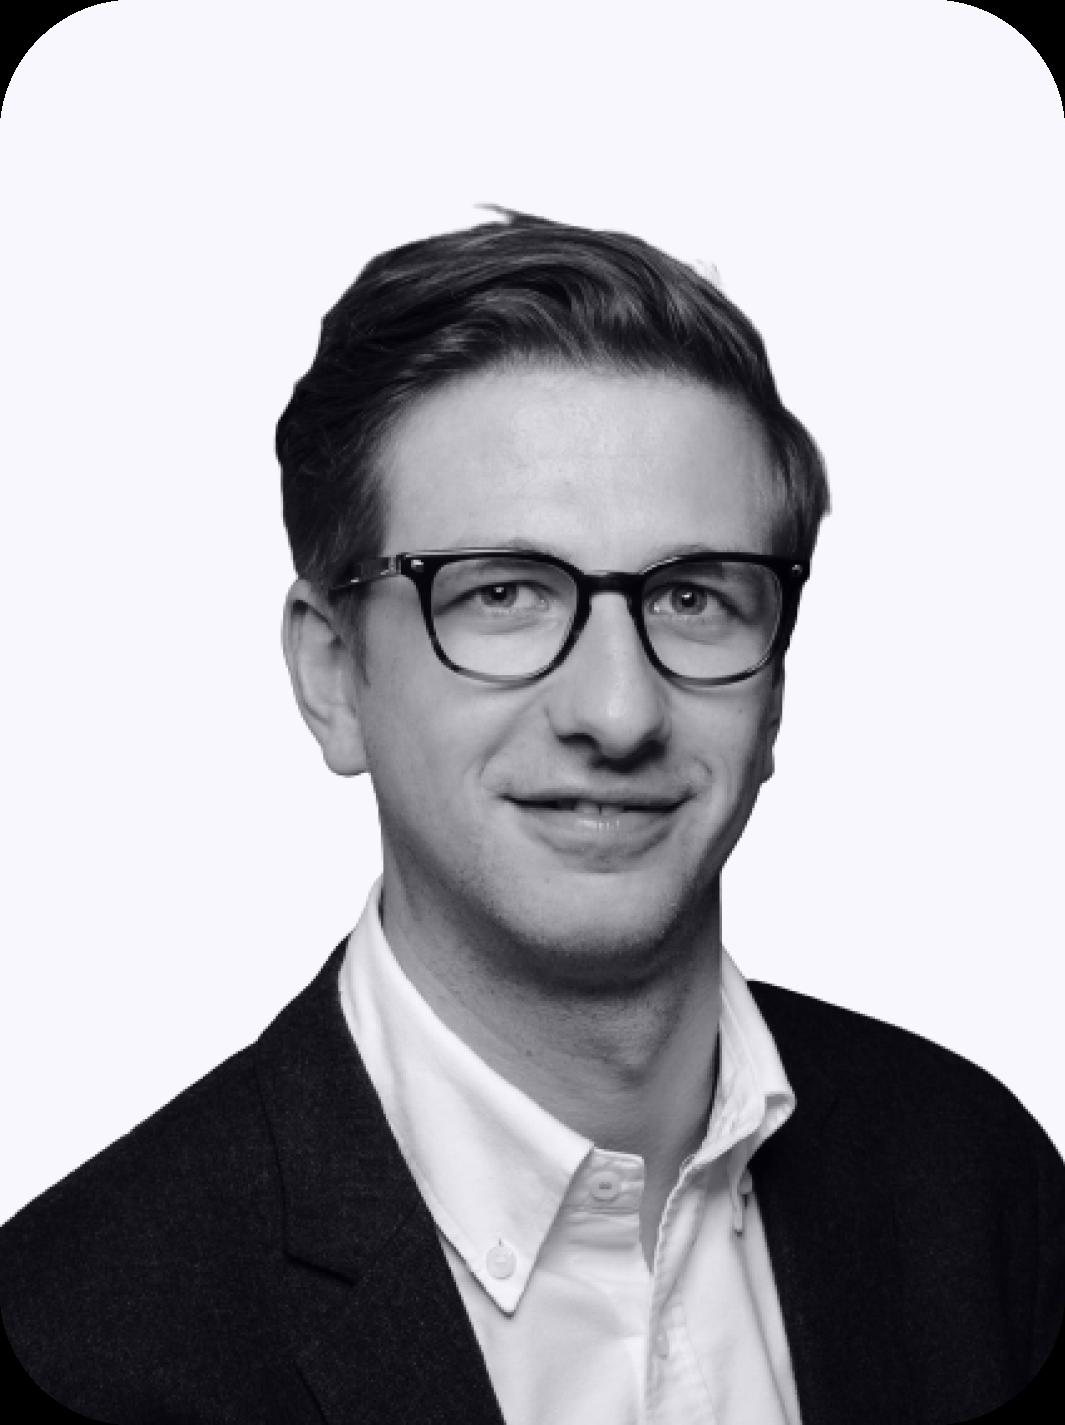 Florian Schräpler